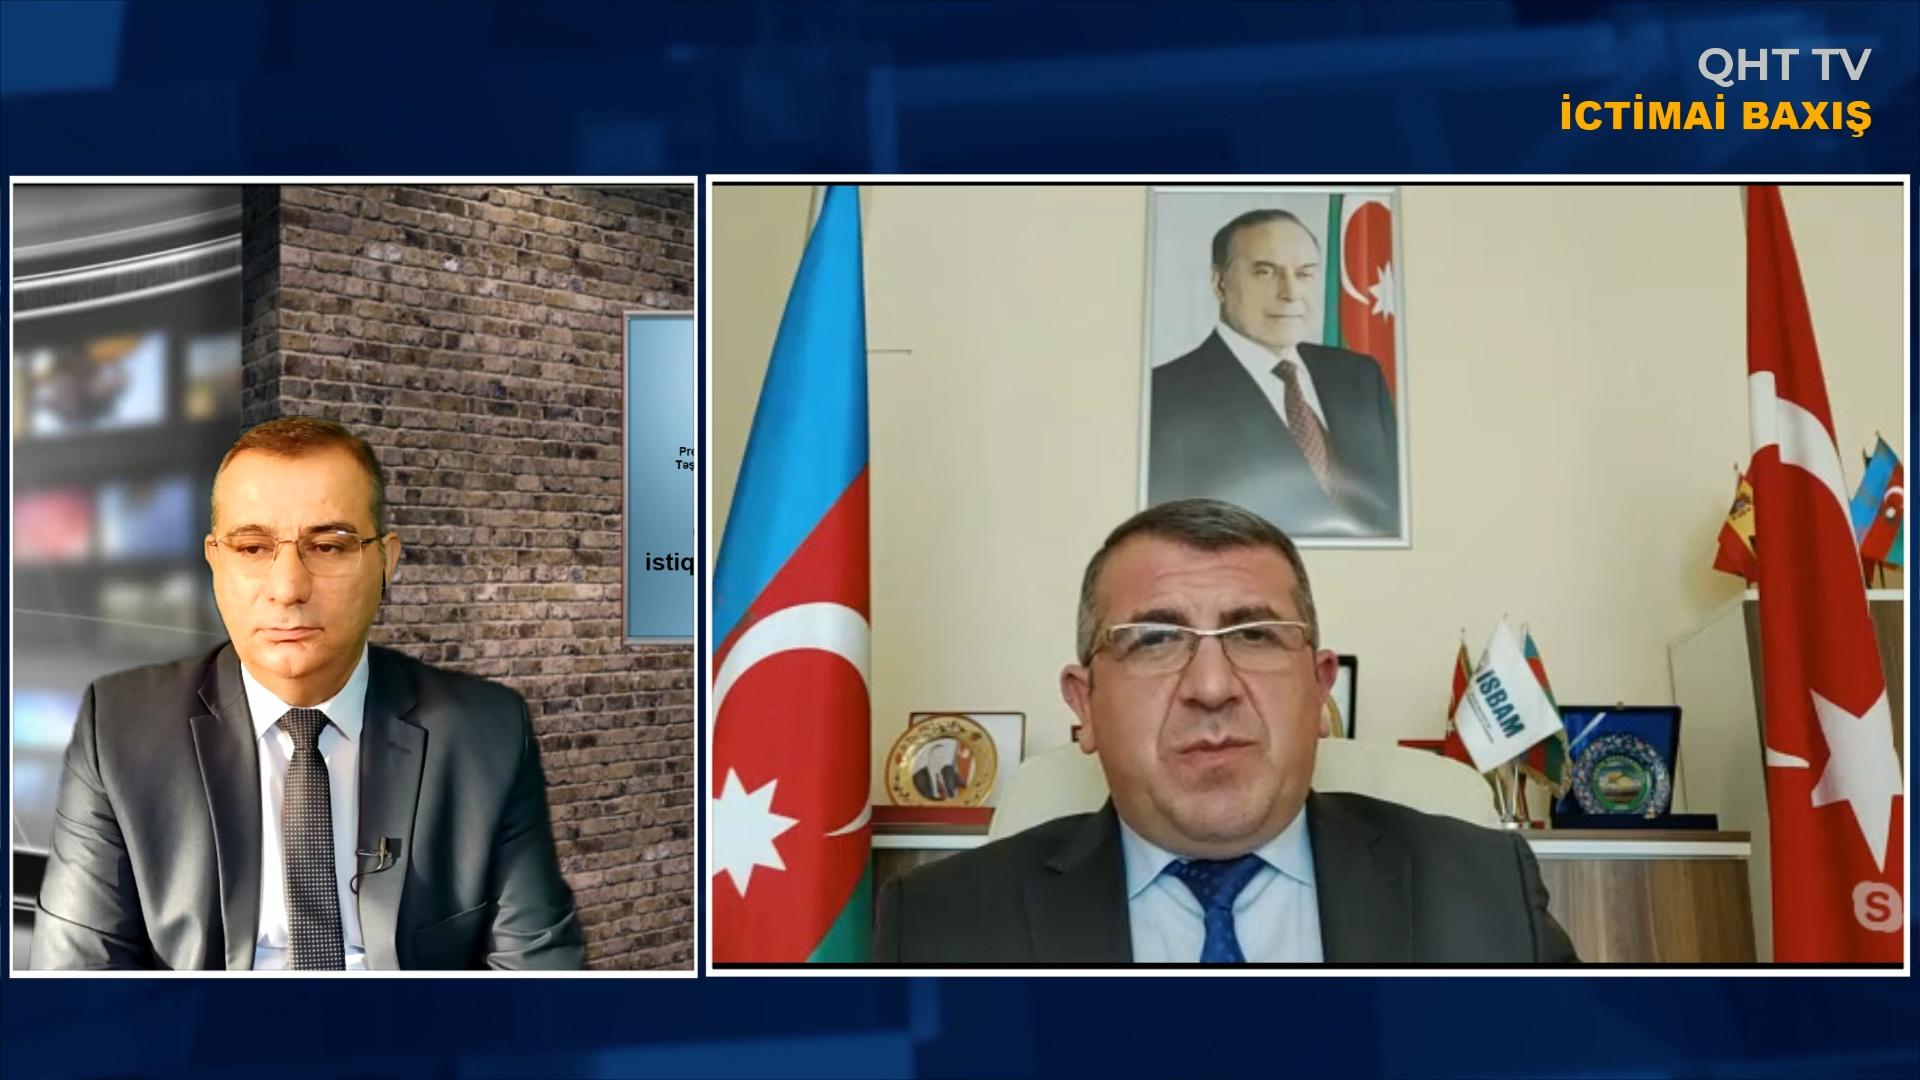 Azərbaycan həqiqətlərinin beynəlxalq müstəvidə təbliği